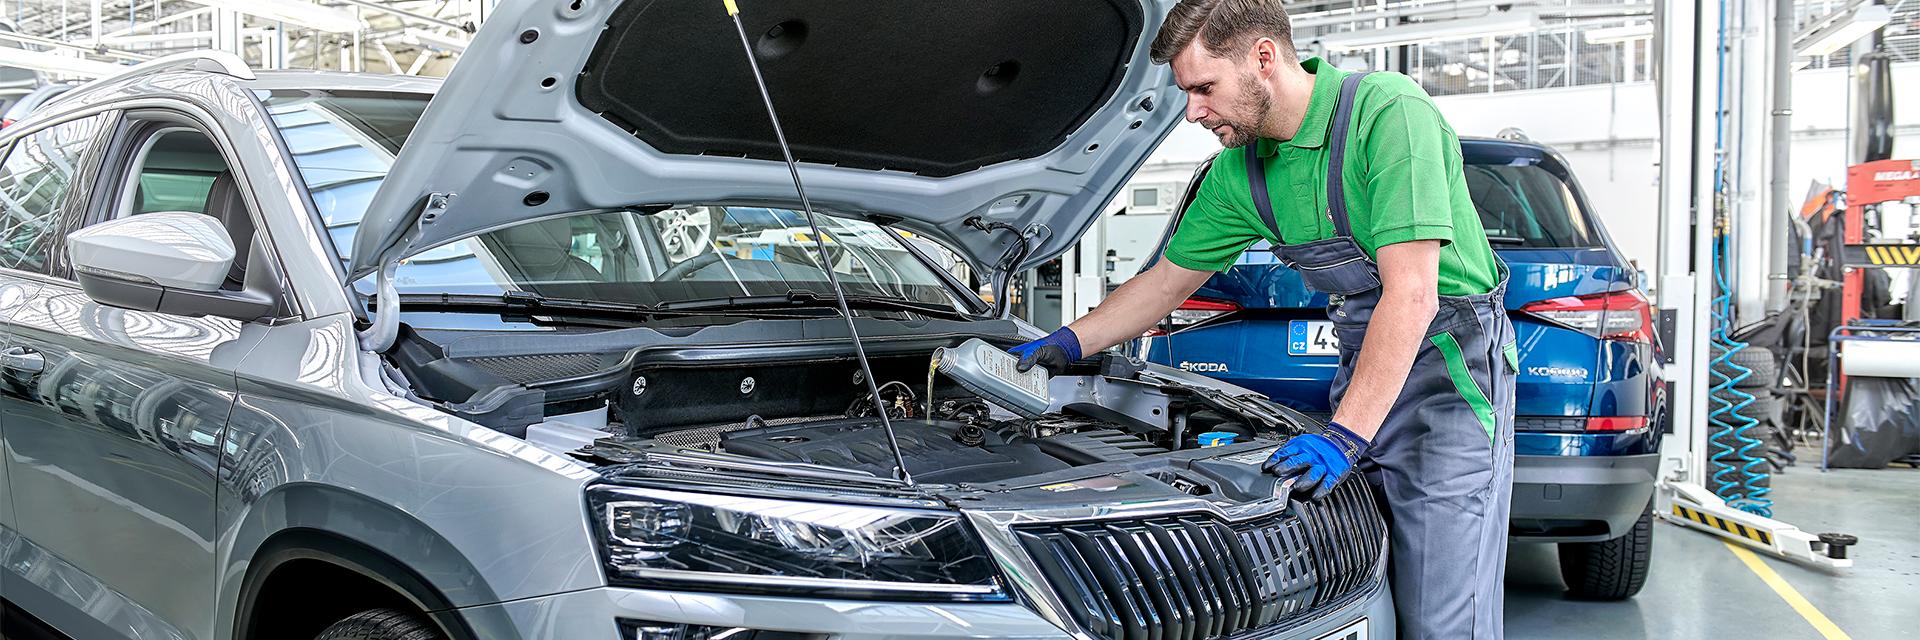 Škoda Eco-huolto Käyttöautossa